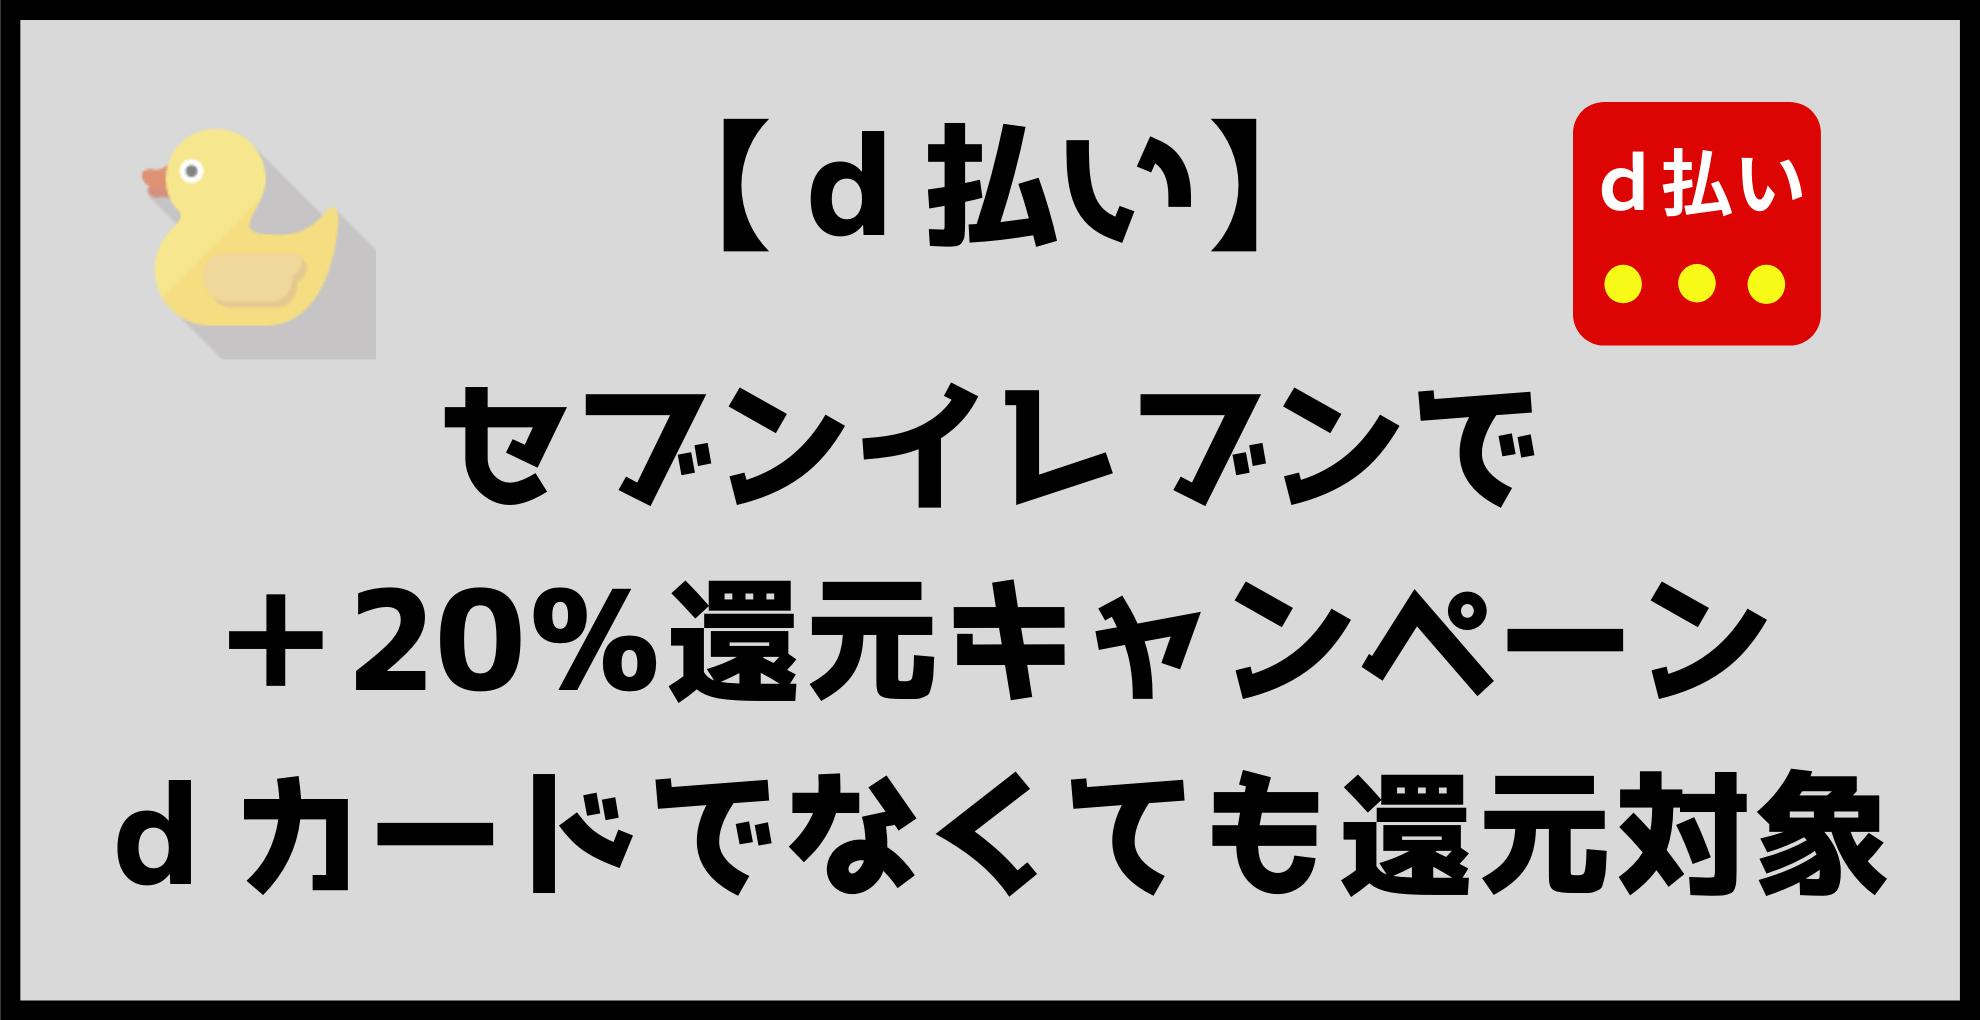 【d払い】セブンイレブンで+20%還元キャンペーン dカードでなくても還元対象